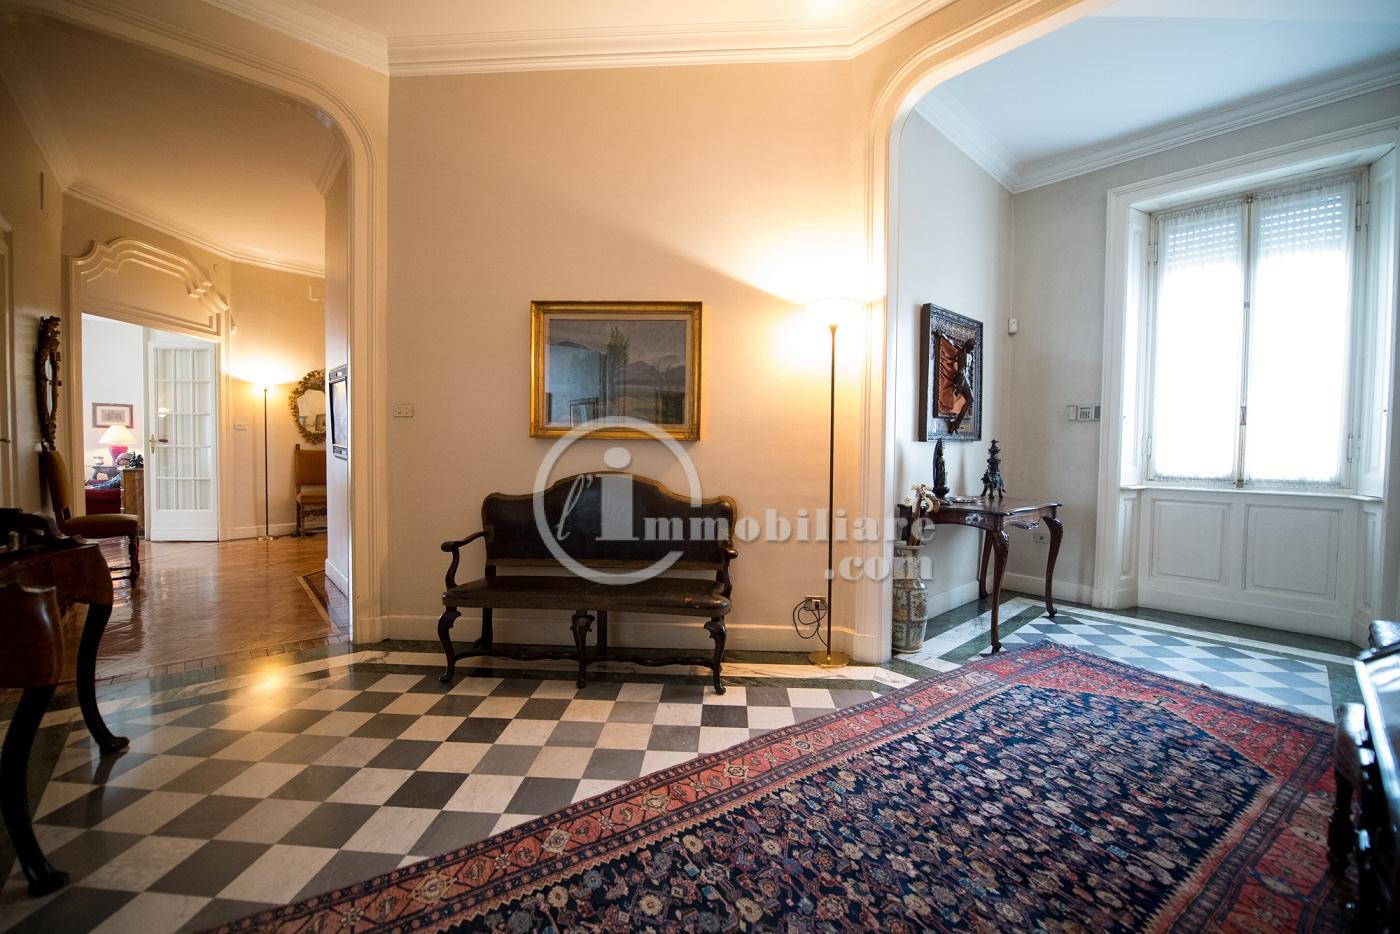 Appartamento in Vendita a Milano 01 Centro storico (Cerchia dei Navigli):  5 locali, 300 mq  - Foto 1